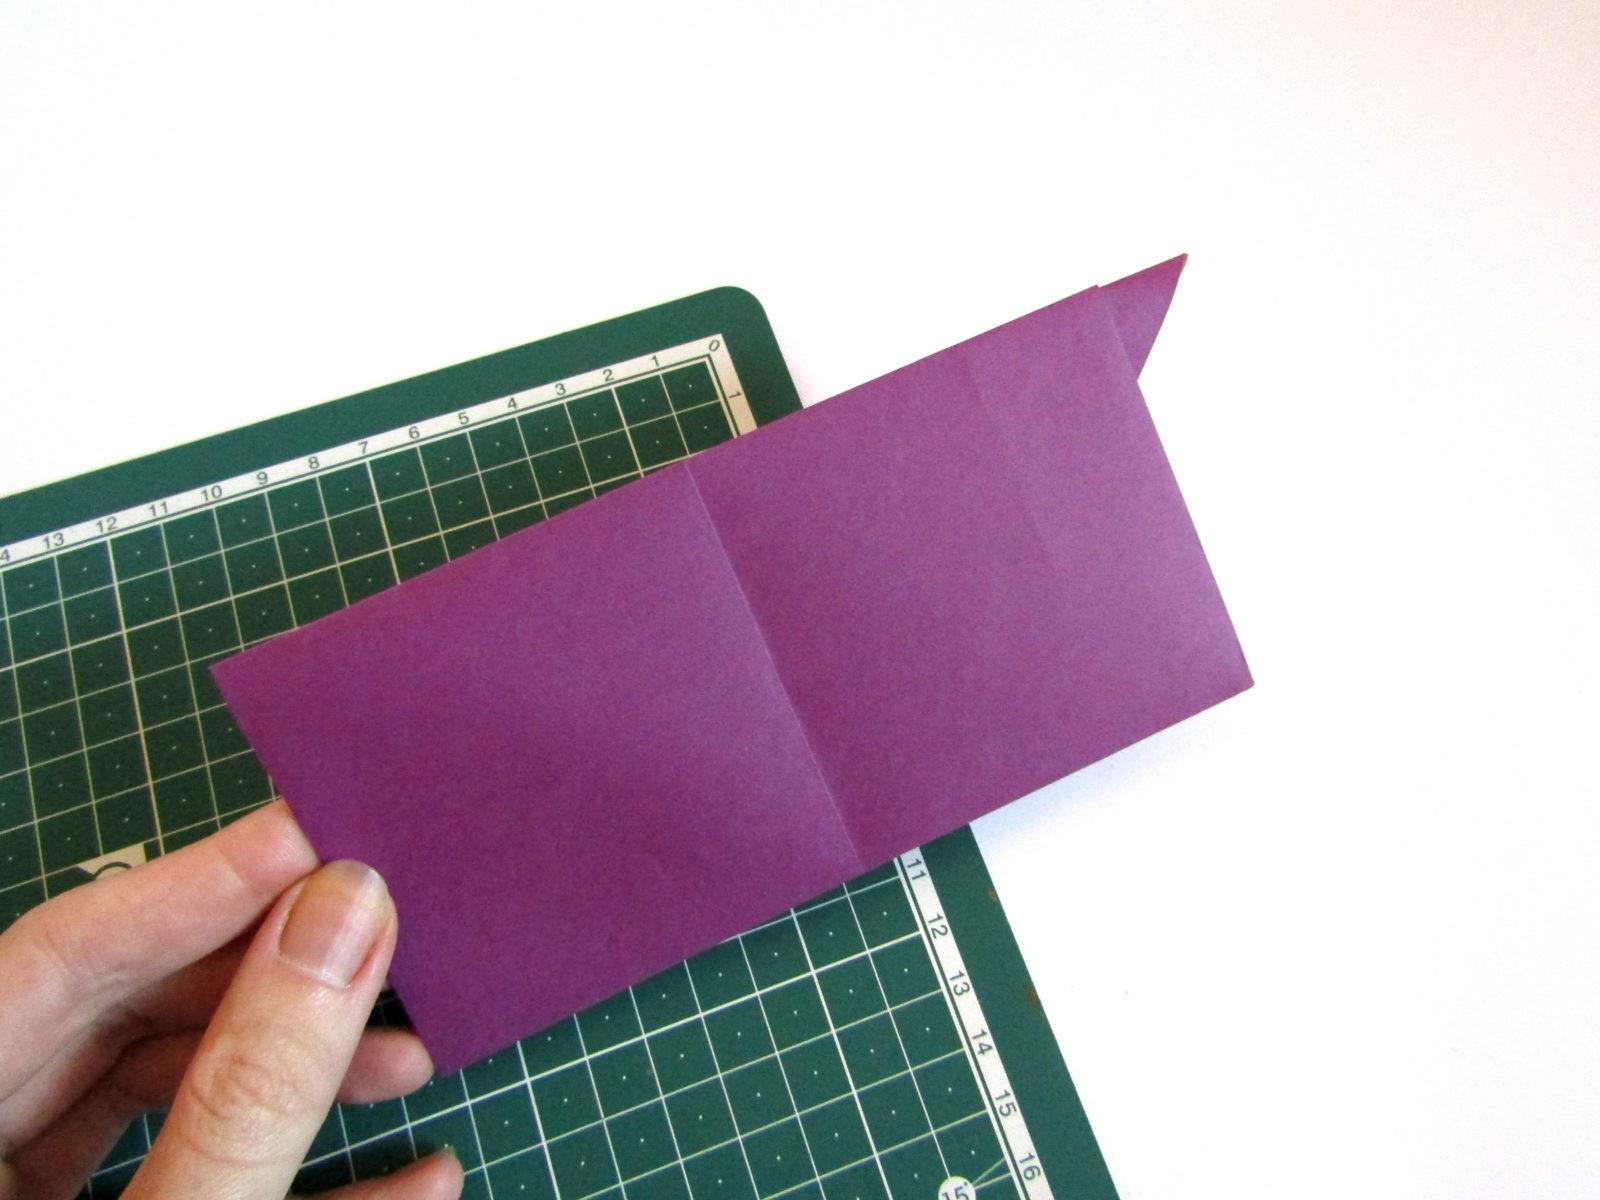 Очень легко и просто можно создать объемную поделку без использования клея. Конечно, даже ножницы могут и не понадобиться, если изначально у вас будет готовая заготовка в виде квадрата. Так получим собачку оригами благодаря ловкости рук! - 8